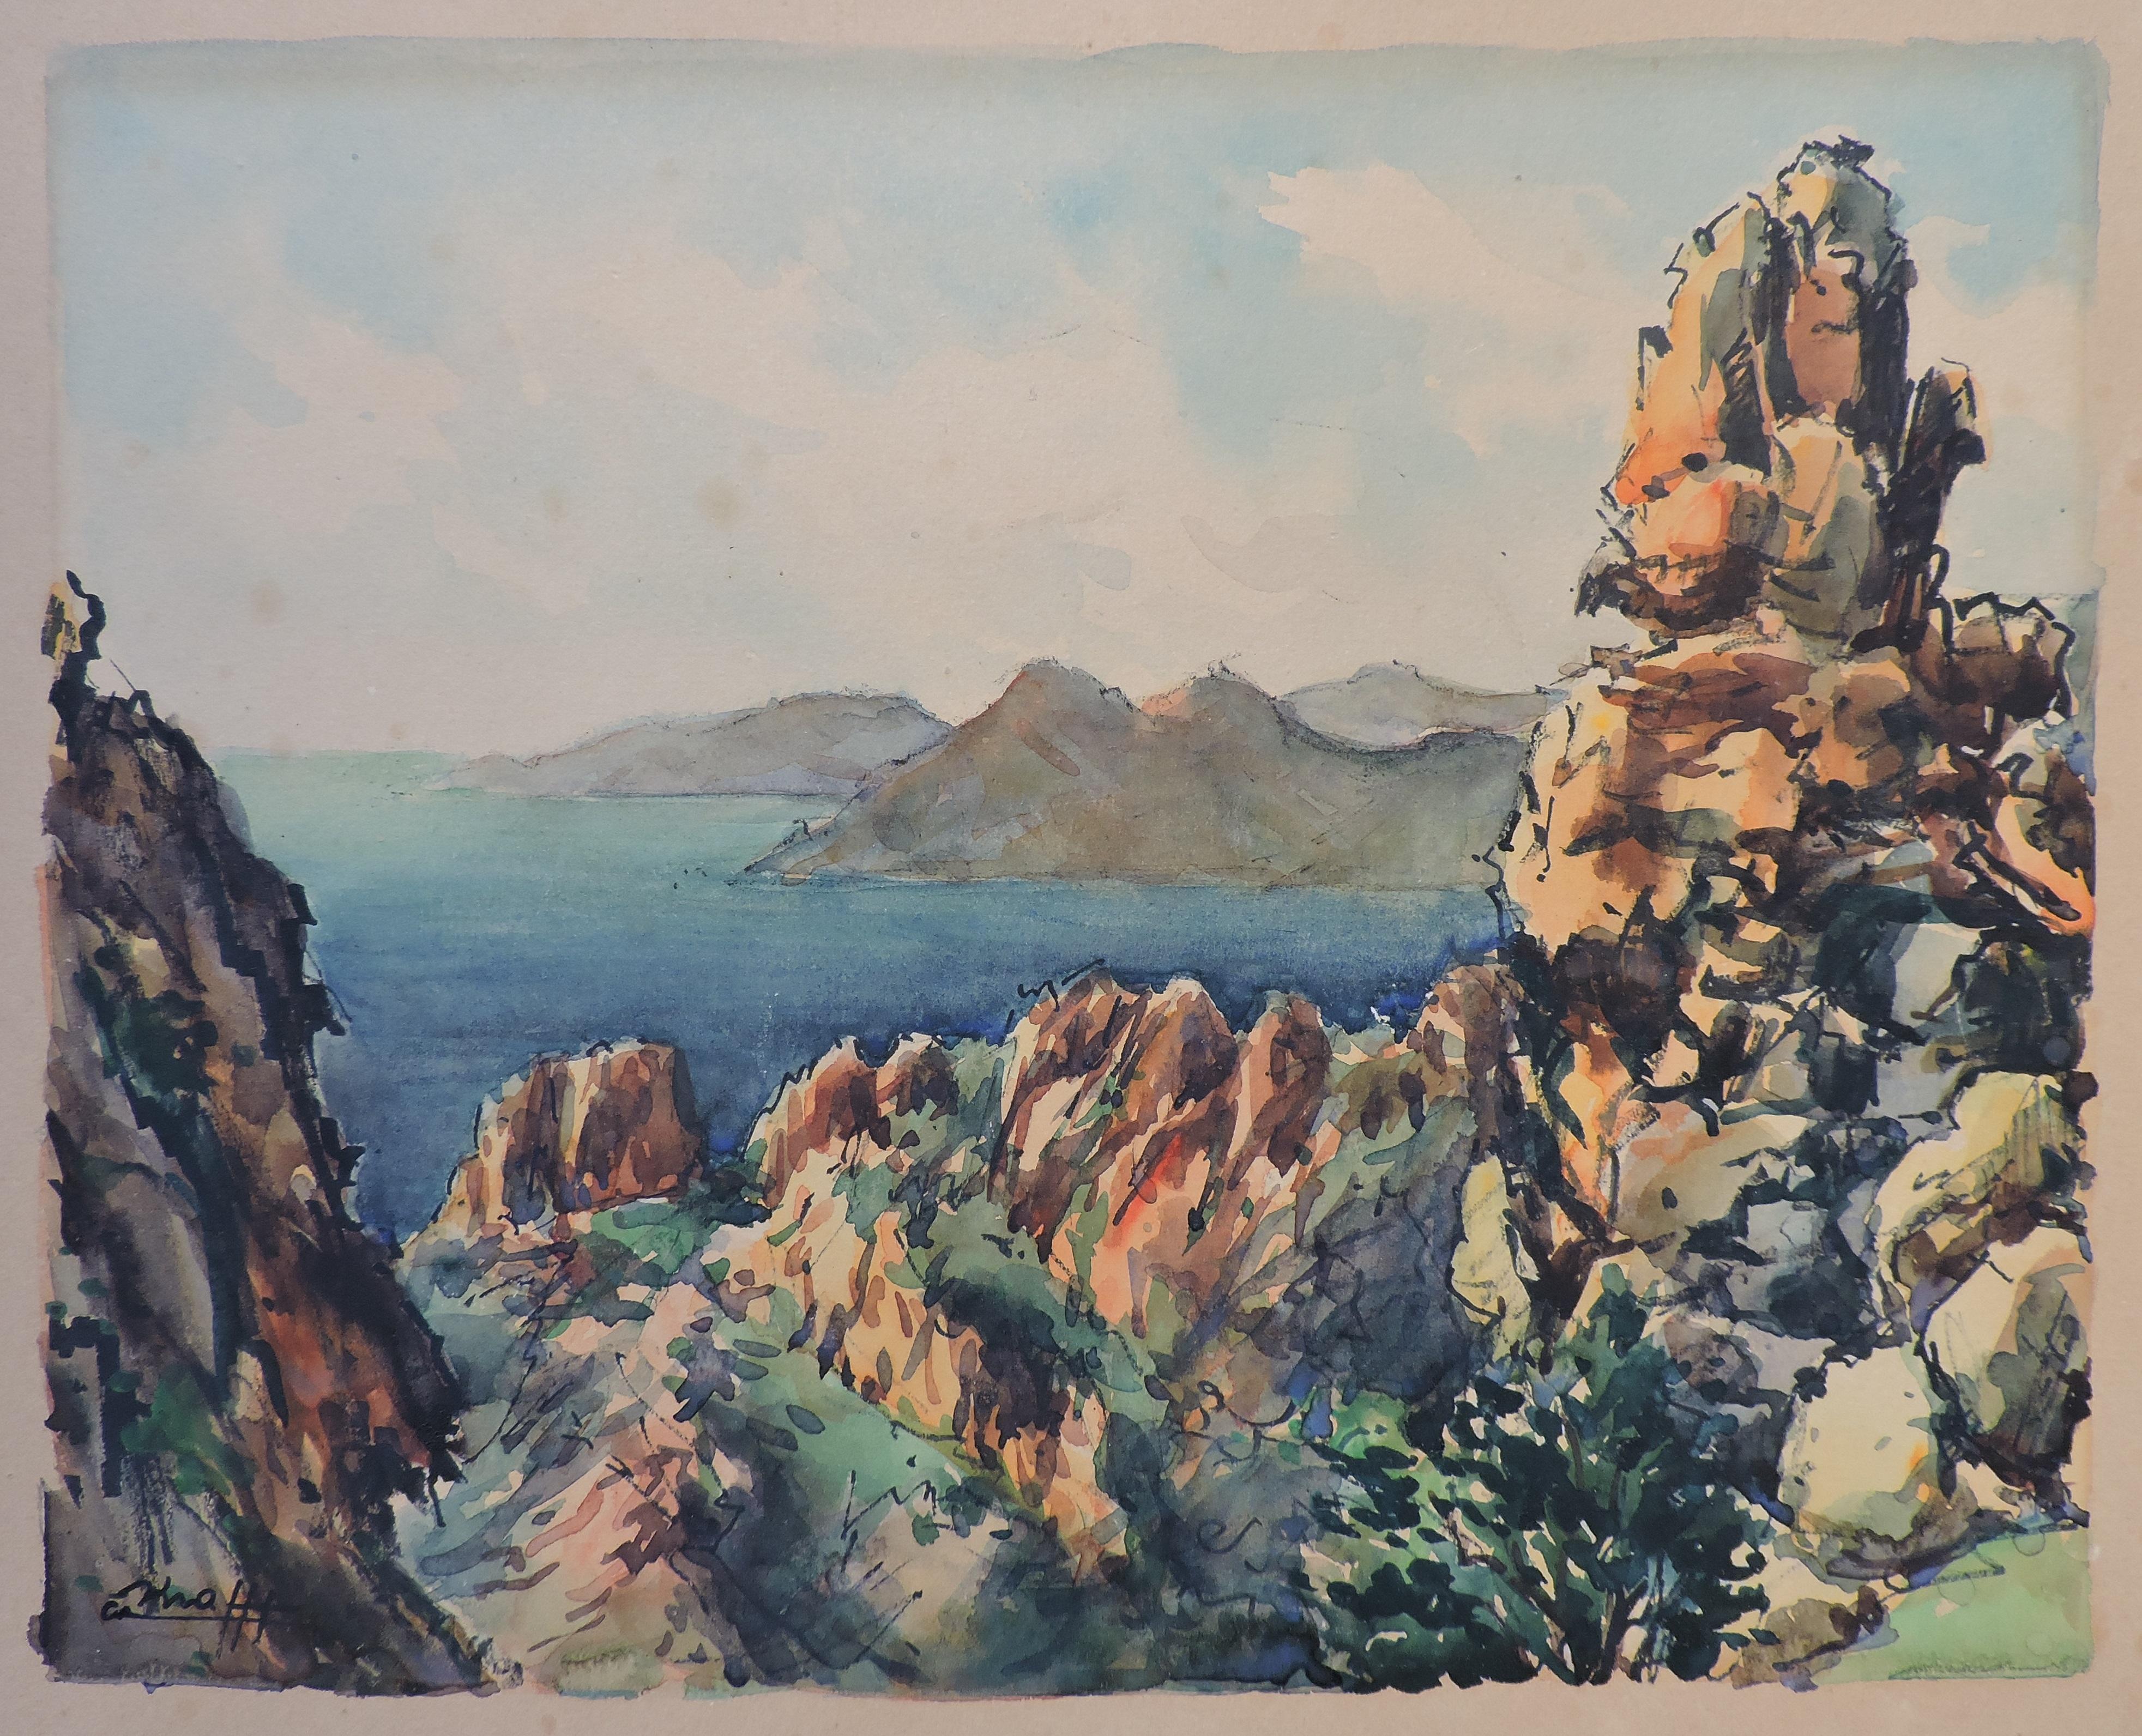 Calanques de Piana – Corse